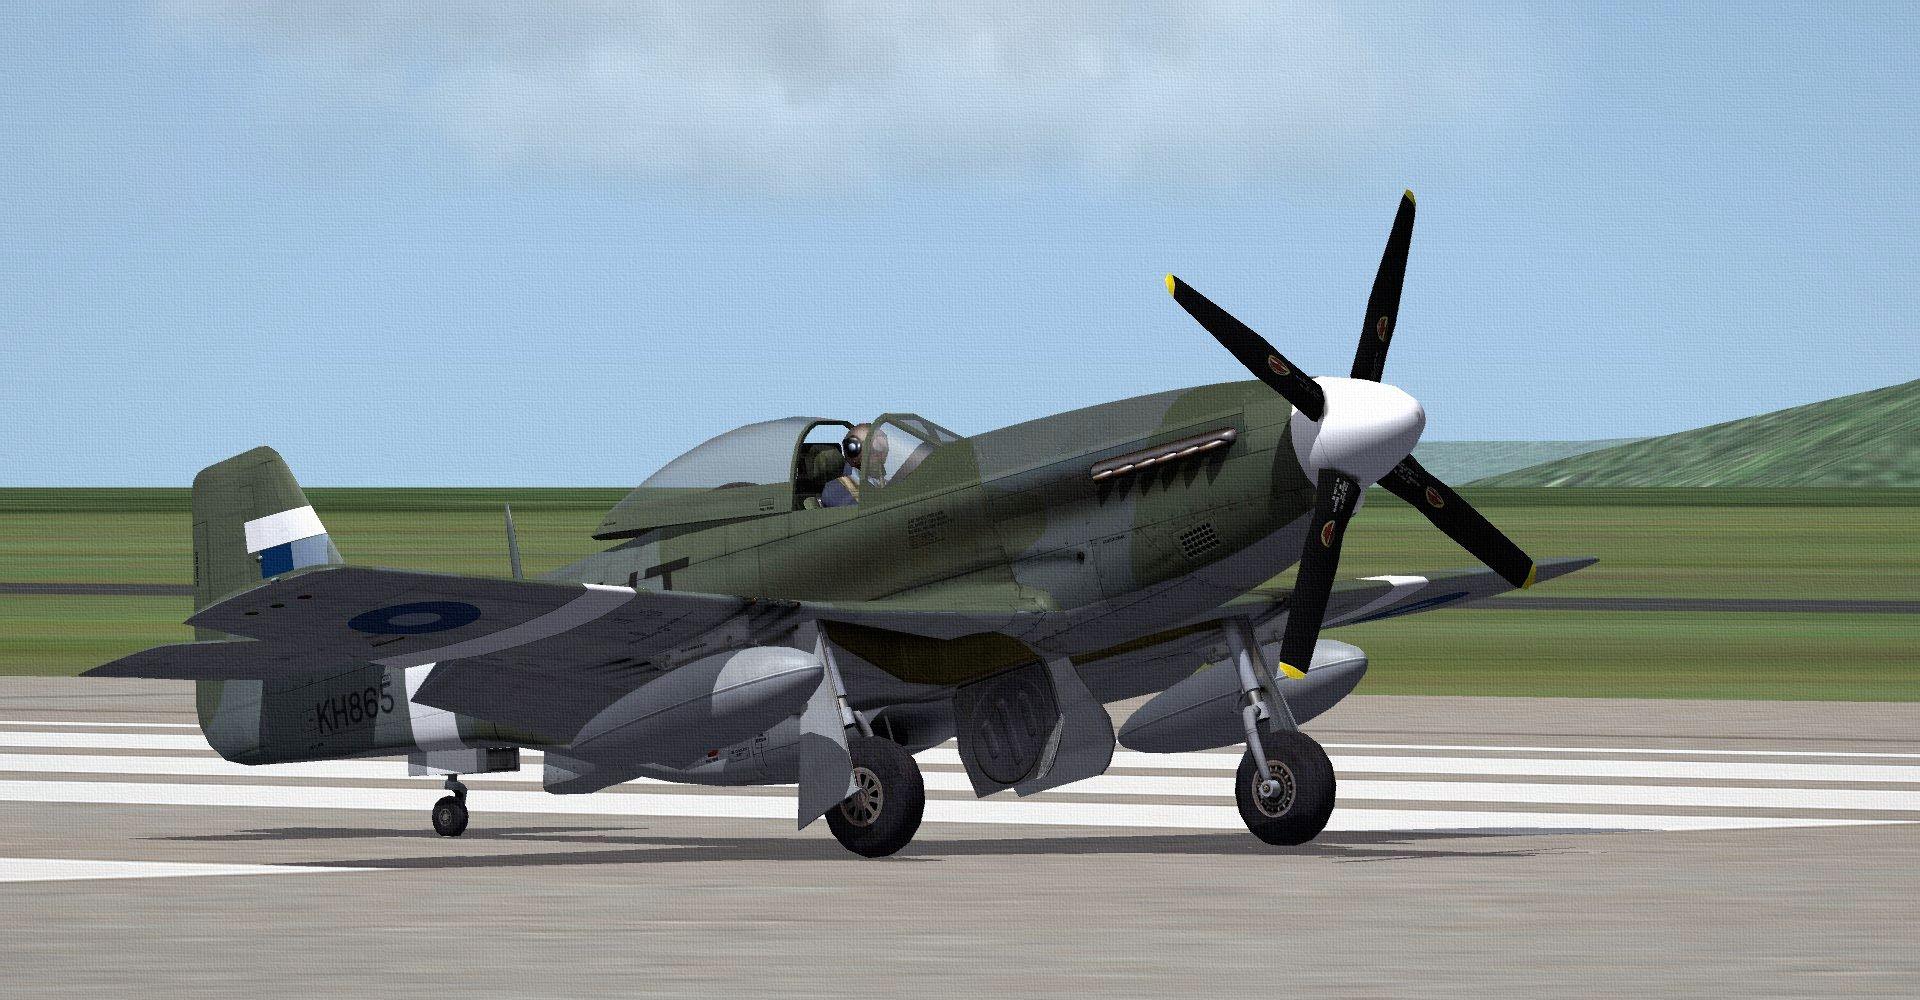 RAFP-51DMUSTANG402_zpsa9962641.jpg